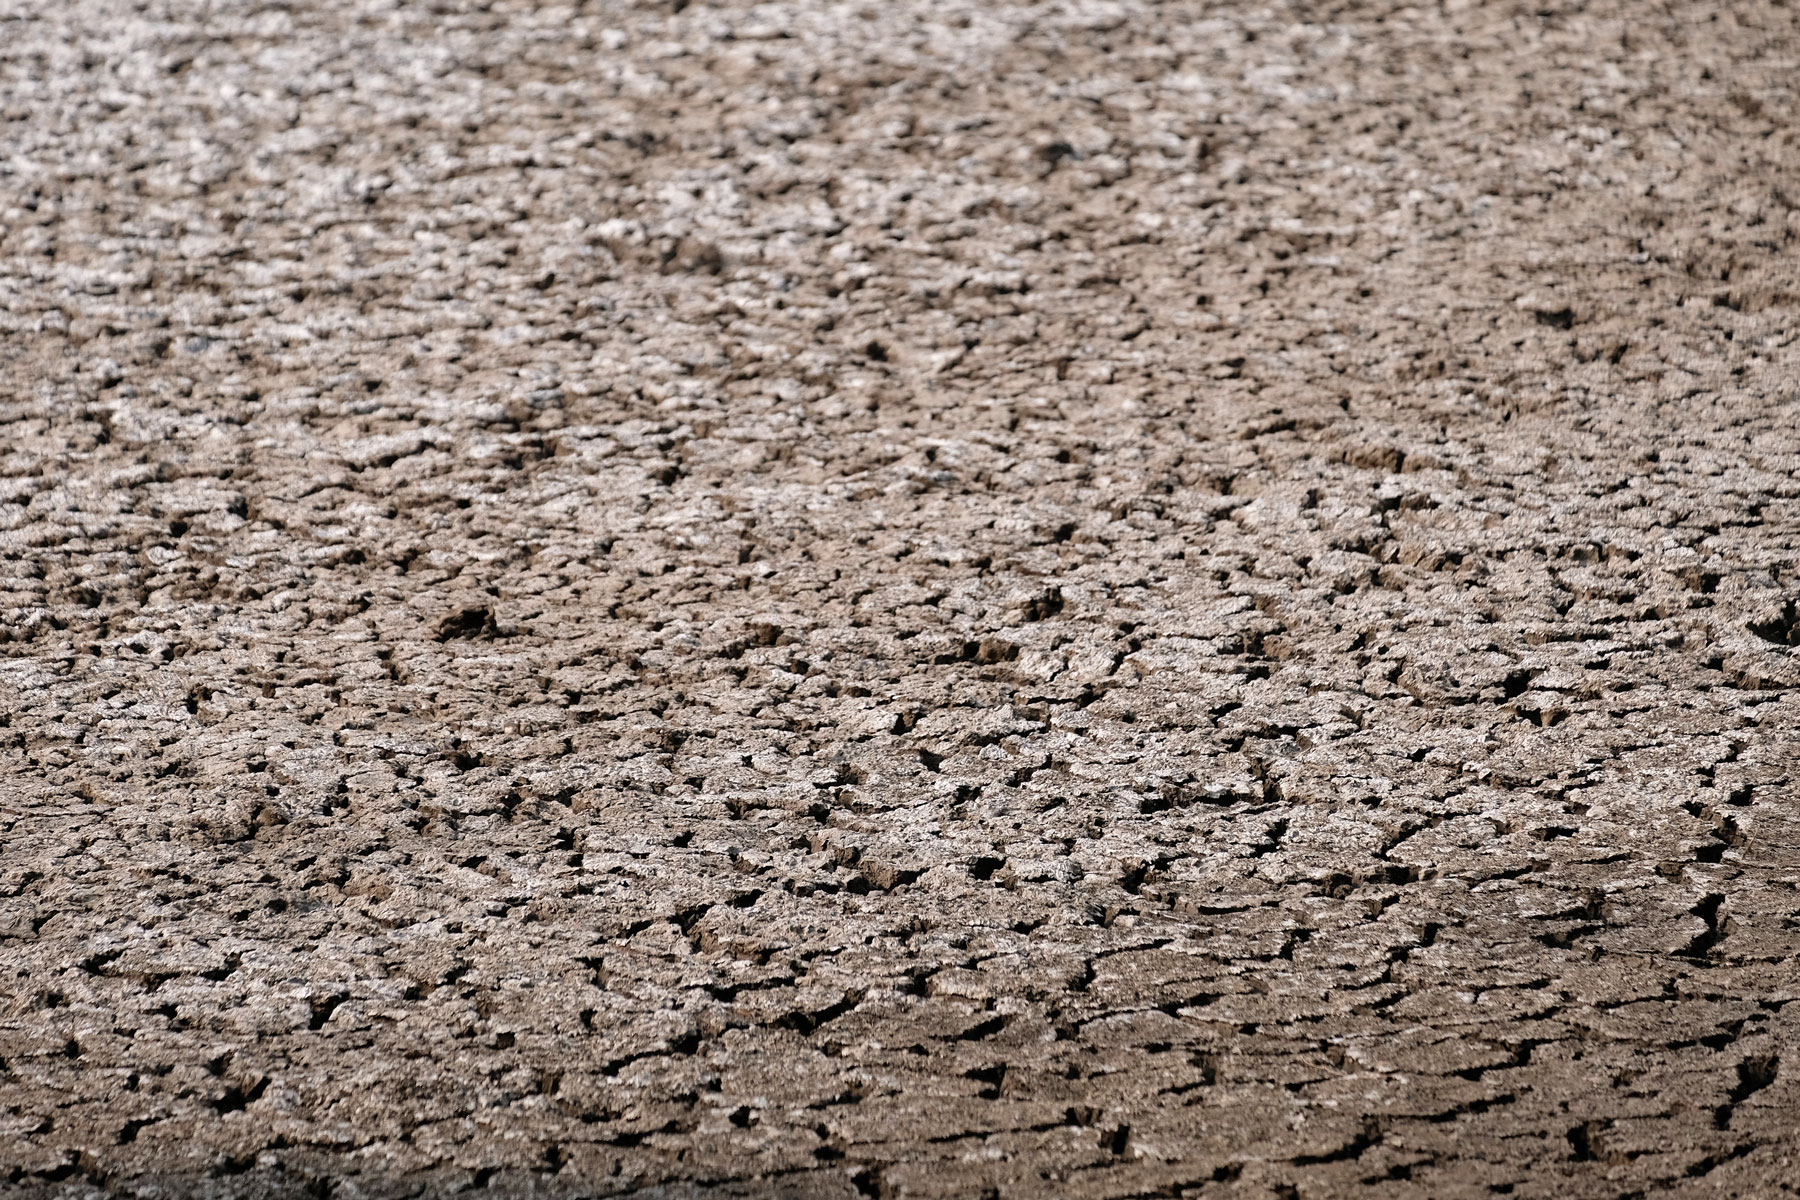 Trockene Erde, die mit einer weißen Salzschicht belegt ist.